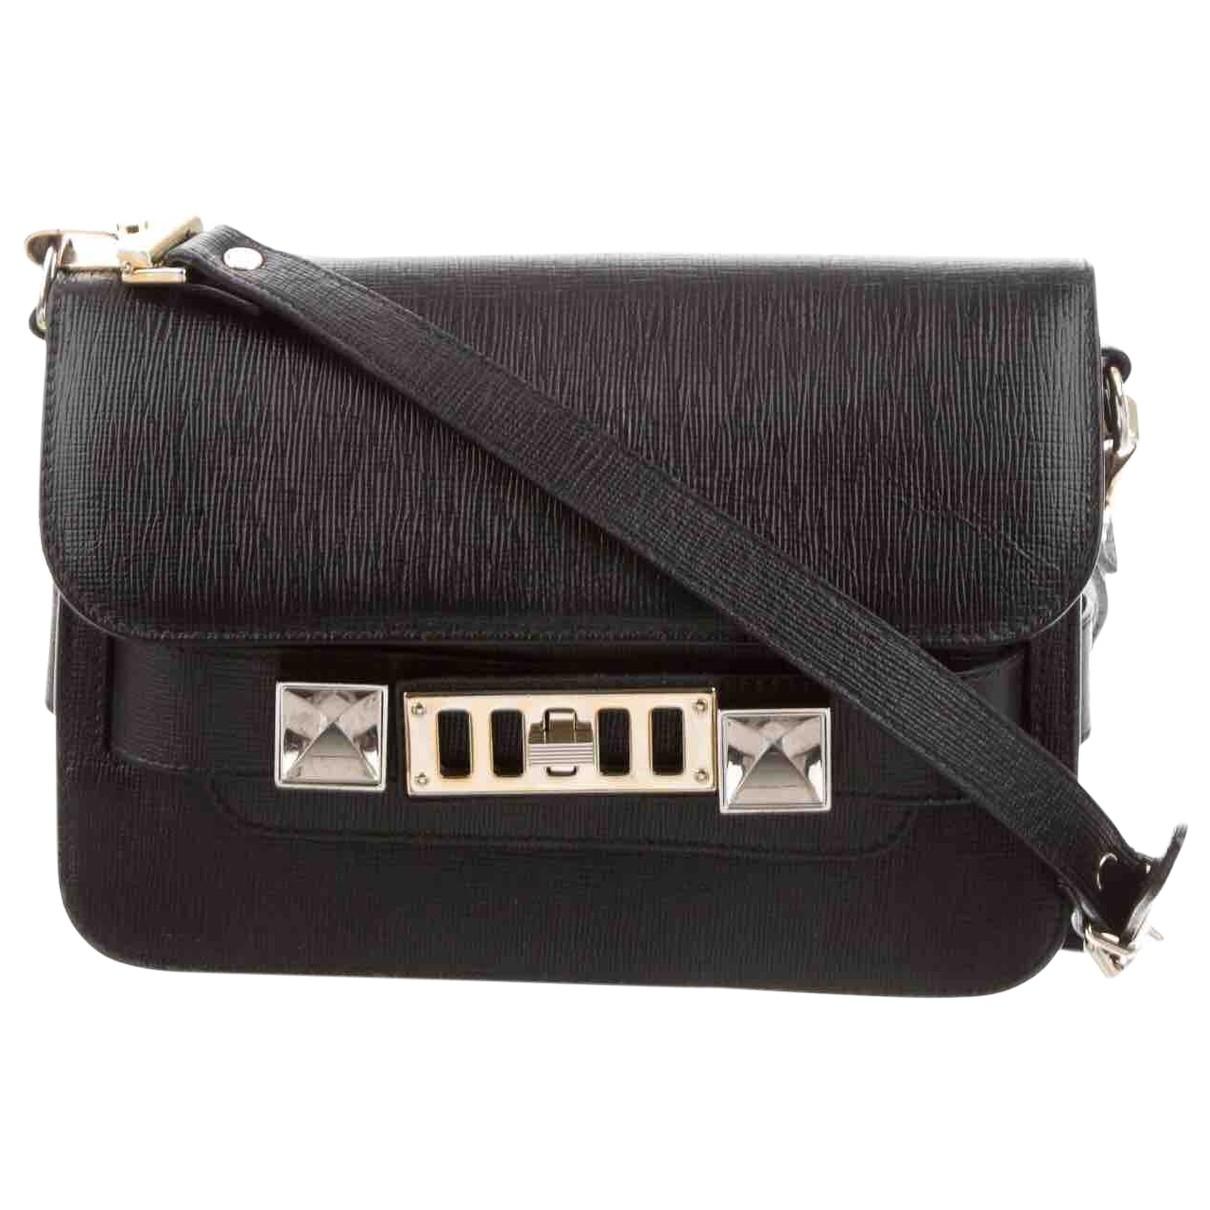 Proenza Schouler PS11 Handtasche in  Bunt Leder